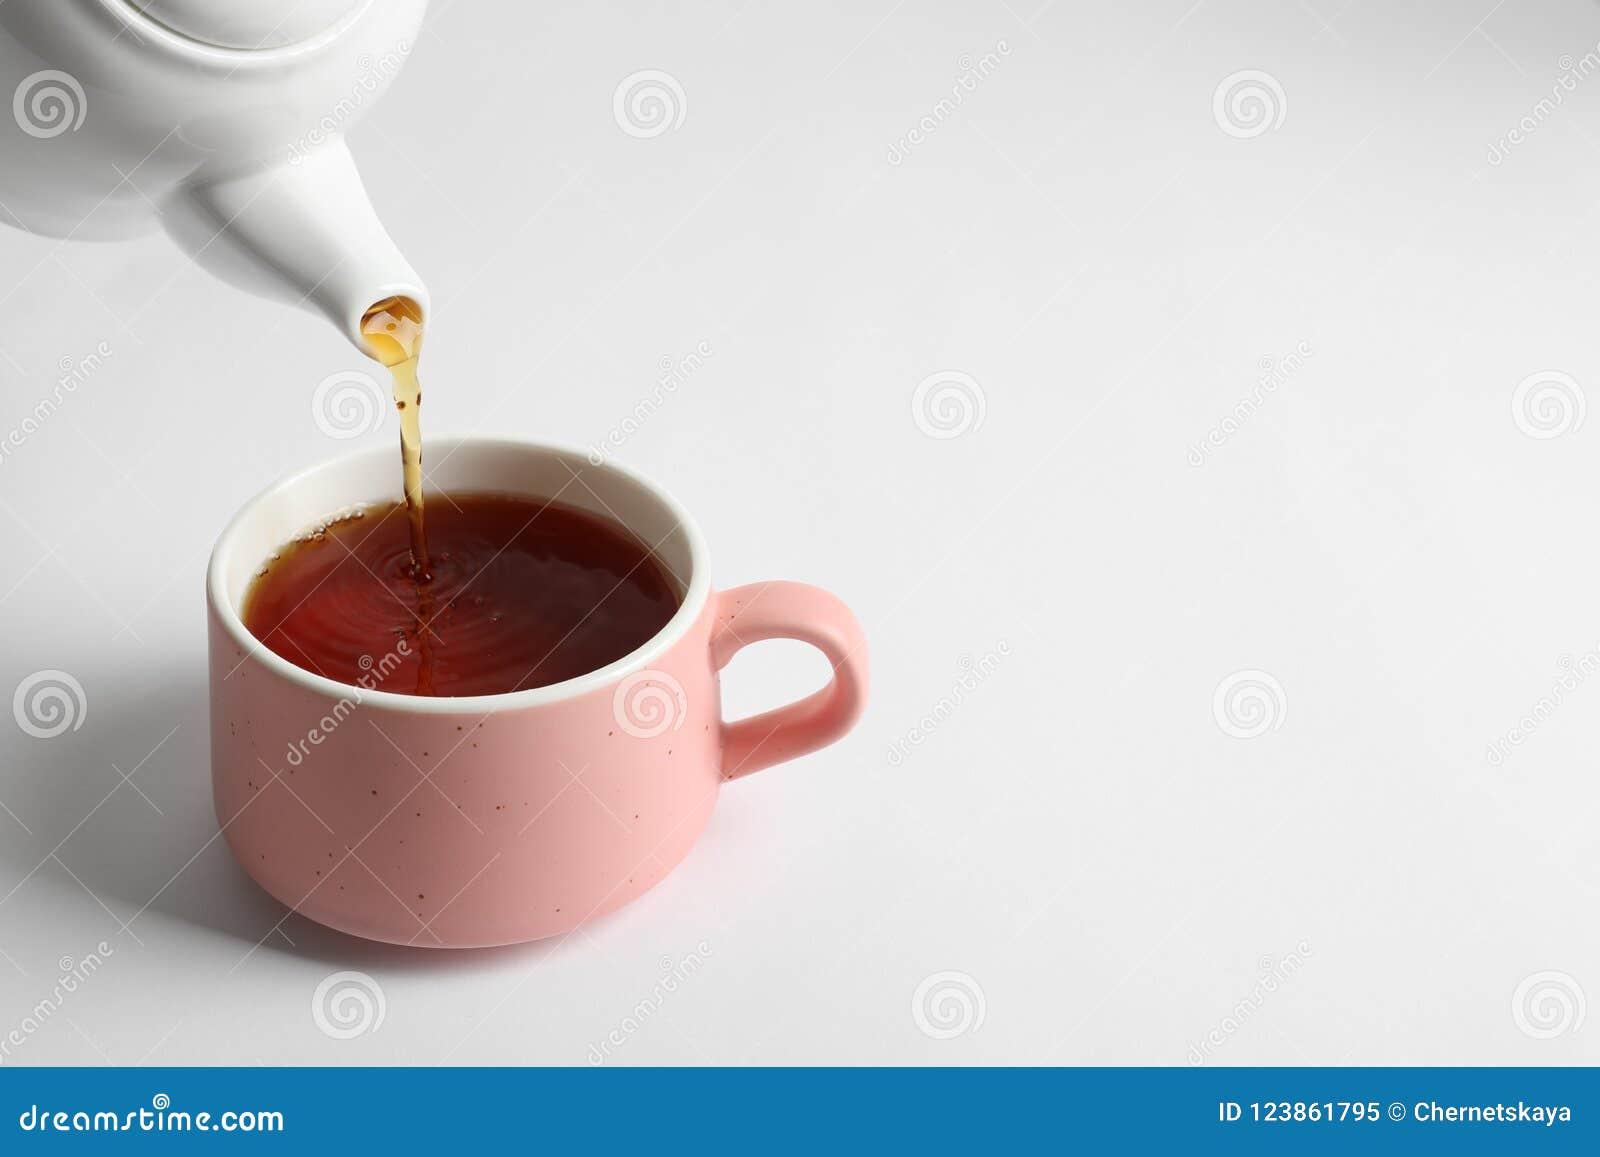 Лить горячий чай в керамическую чашку